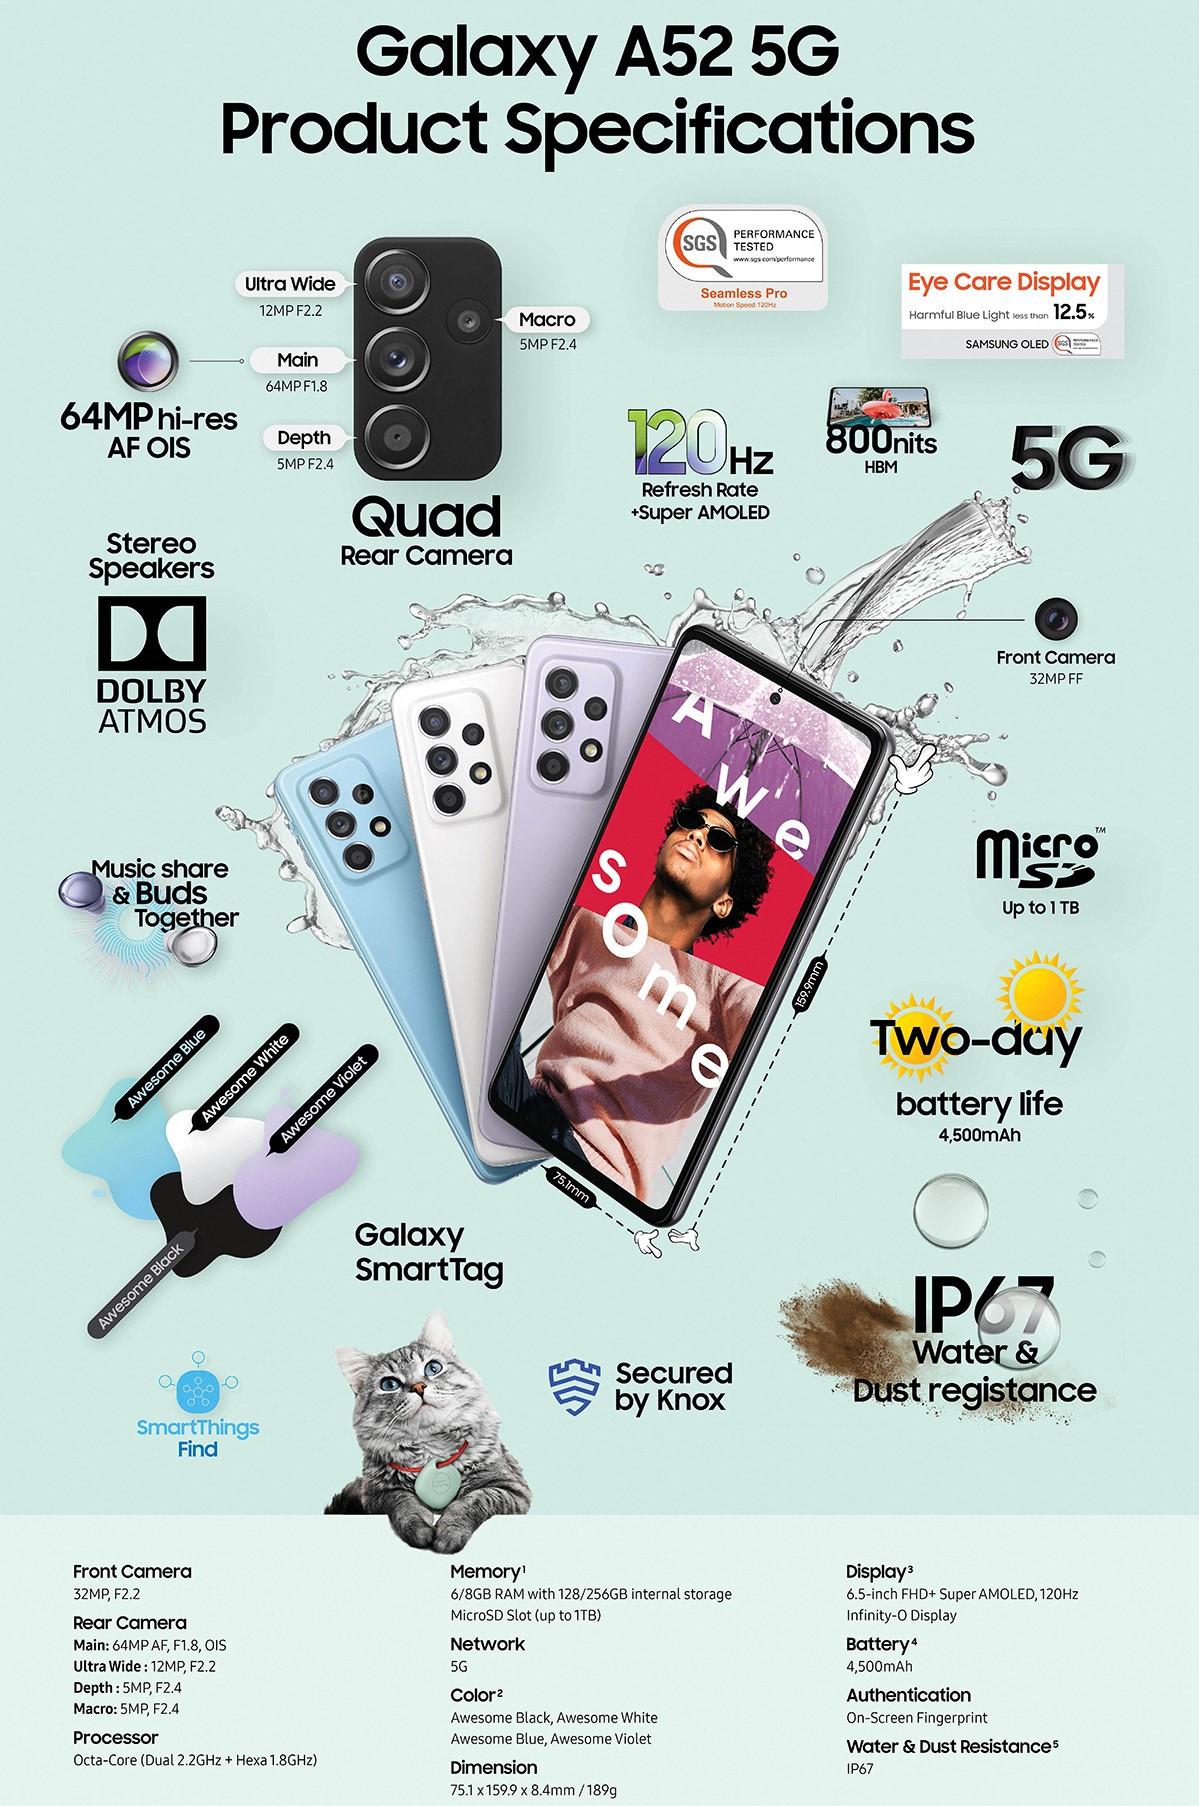 三星发布A52 5G:骁龙750G+120Hz+IP67,2999元起